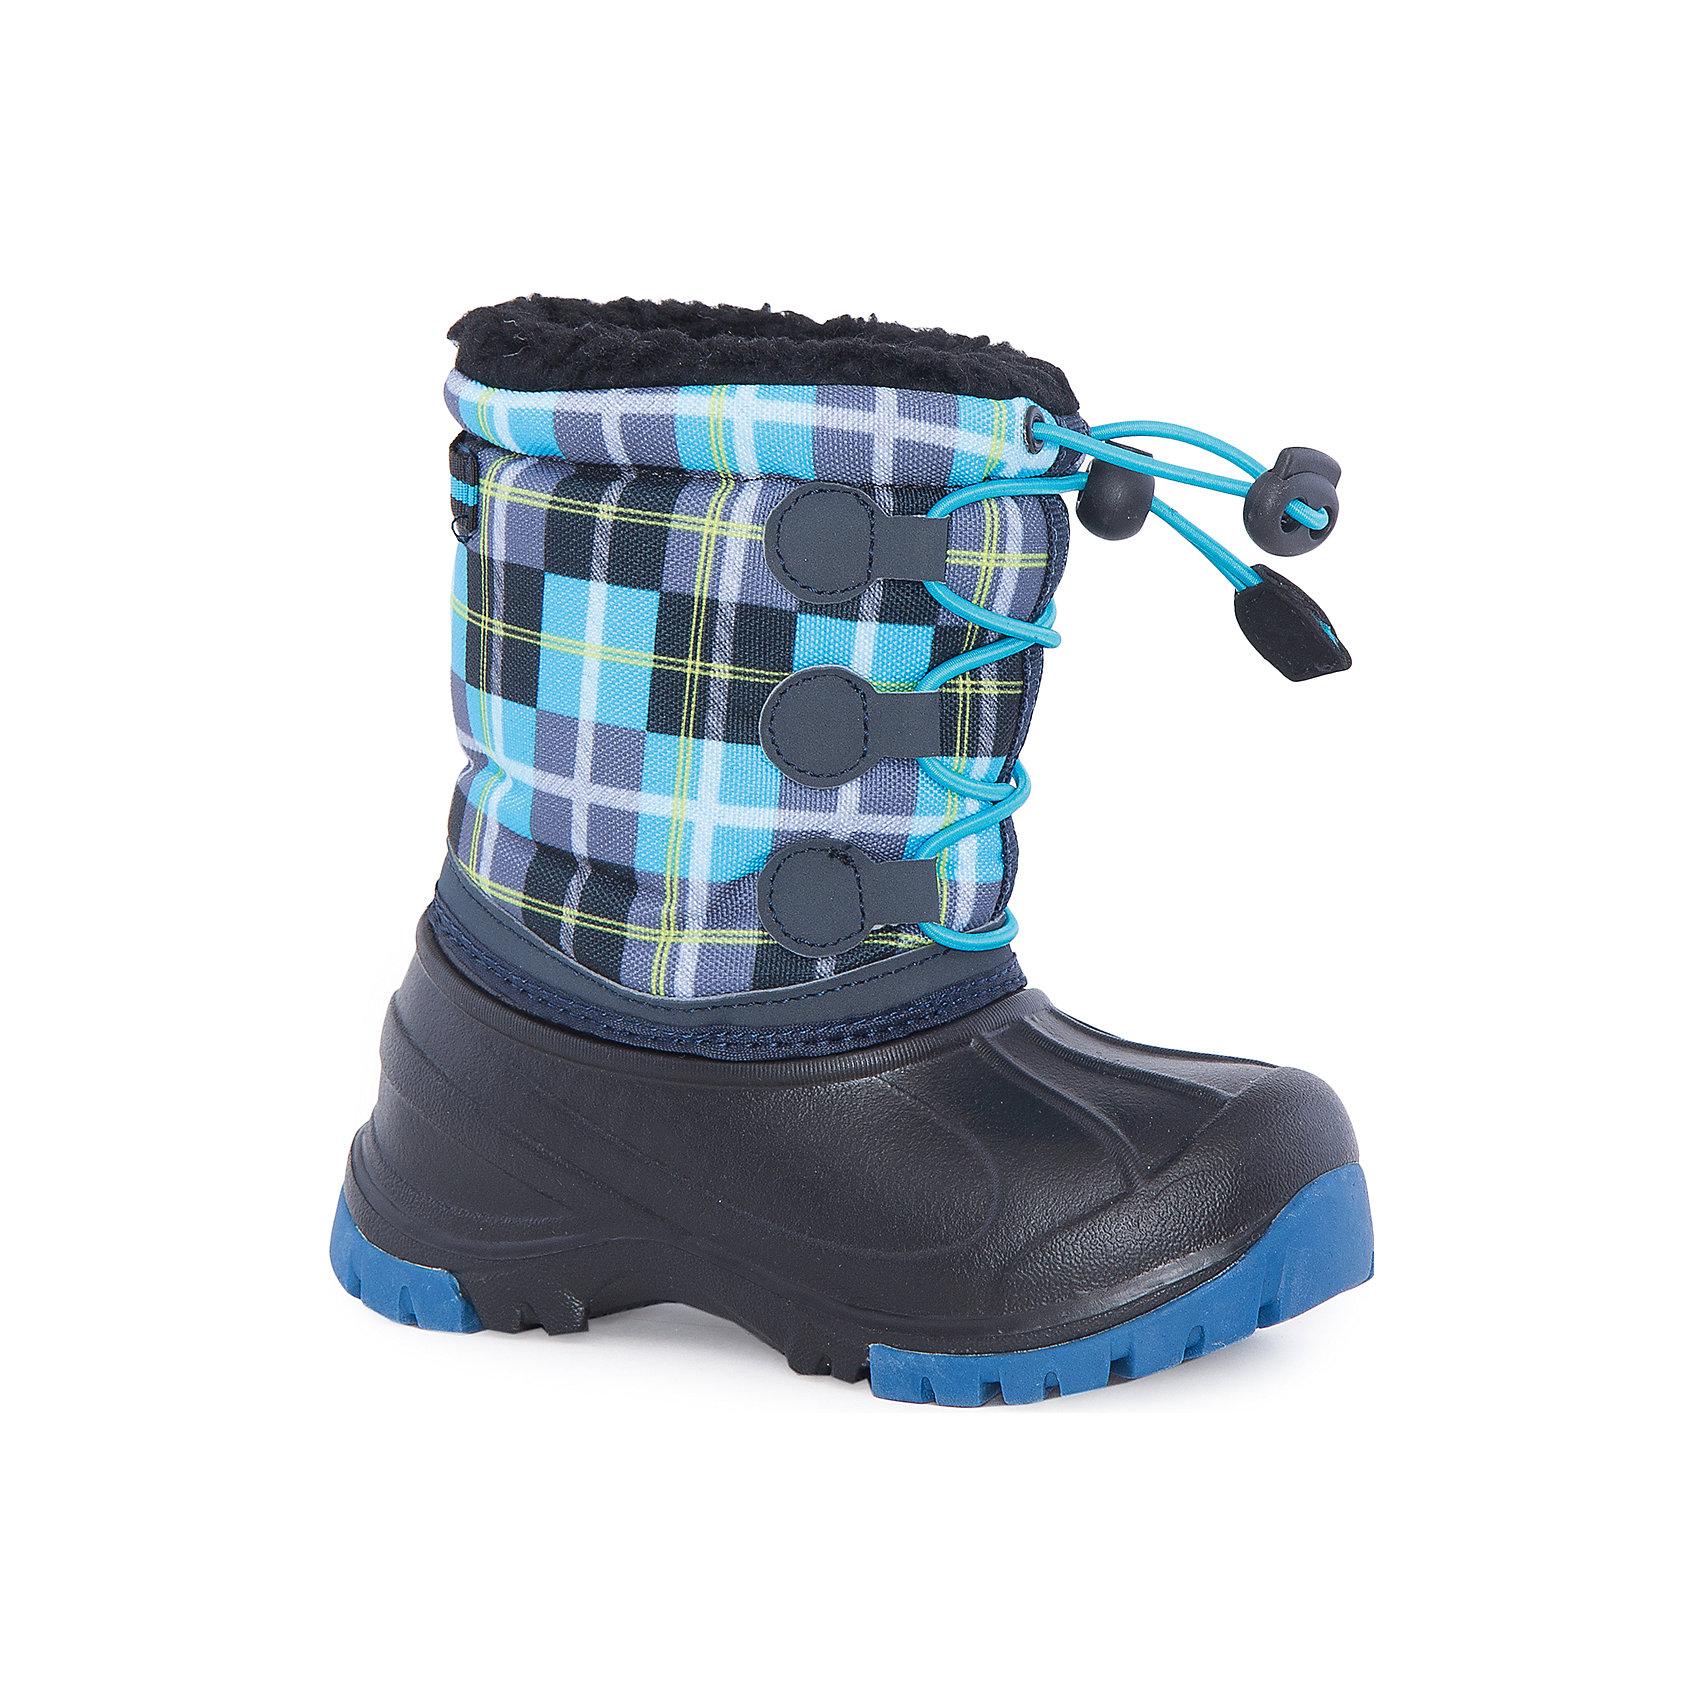 Сноубутсы для мальчика MursuОбувь<br>Сноубутсы для мальчика MURSU (Мурсу).<br><br>Характеристики:<br><br>• цвет: голубой<br>• температурный режим до -25С<br>• материал верха: искусственная кожа, текстиль<br>• внутренний материал: мех<br>• стелька: мех<br>• утяжка по всей высоте сноубутсов<br>• сезон: зима<br><br>Сноубутсы MURSU изготовлены из искусственной кожи и текстиля. Меховая подкладка сохранит  ноги в тепле при низкой температуре. Рифленая подошва обеспечит дополнительную устойчивость на скользкой дороге. Спереди есть удобная резинка, позволяющая затянуть сноубутсы по толщине ноги. Эти сноубутсы подарят ребенку комфорт и тепло!<br><br>Сноубутсы для мальчика MURSU (Мурсу) можно купить в нашем интернет-магазине.<br><br>Ширина мм: 262<br>Глубина мм: 176<br>Высота мм: 97<br>Вес г: 427<br>Цвет: голубой<br>Возраст от месяцев: 24<br>Возраст до месяцев: 36<br>Пол: Мужской<br>Возраст: Детский<br>Размер: 26,25,23,22,24,27<br>SKU: 4863057